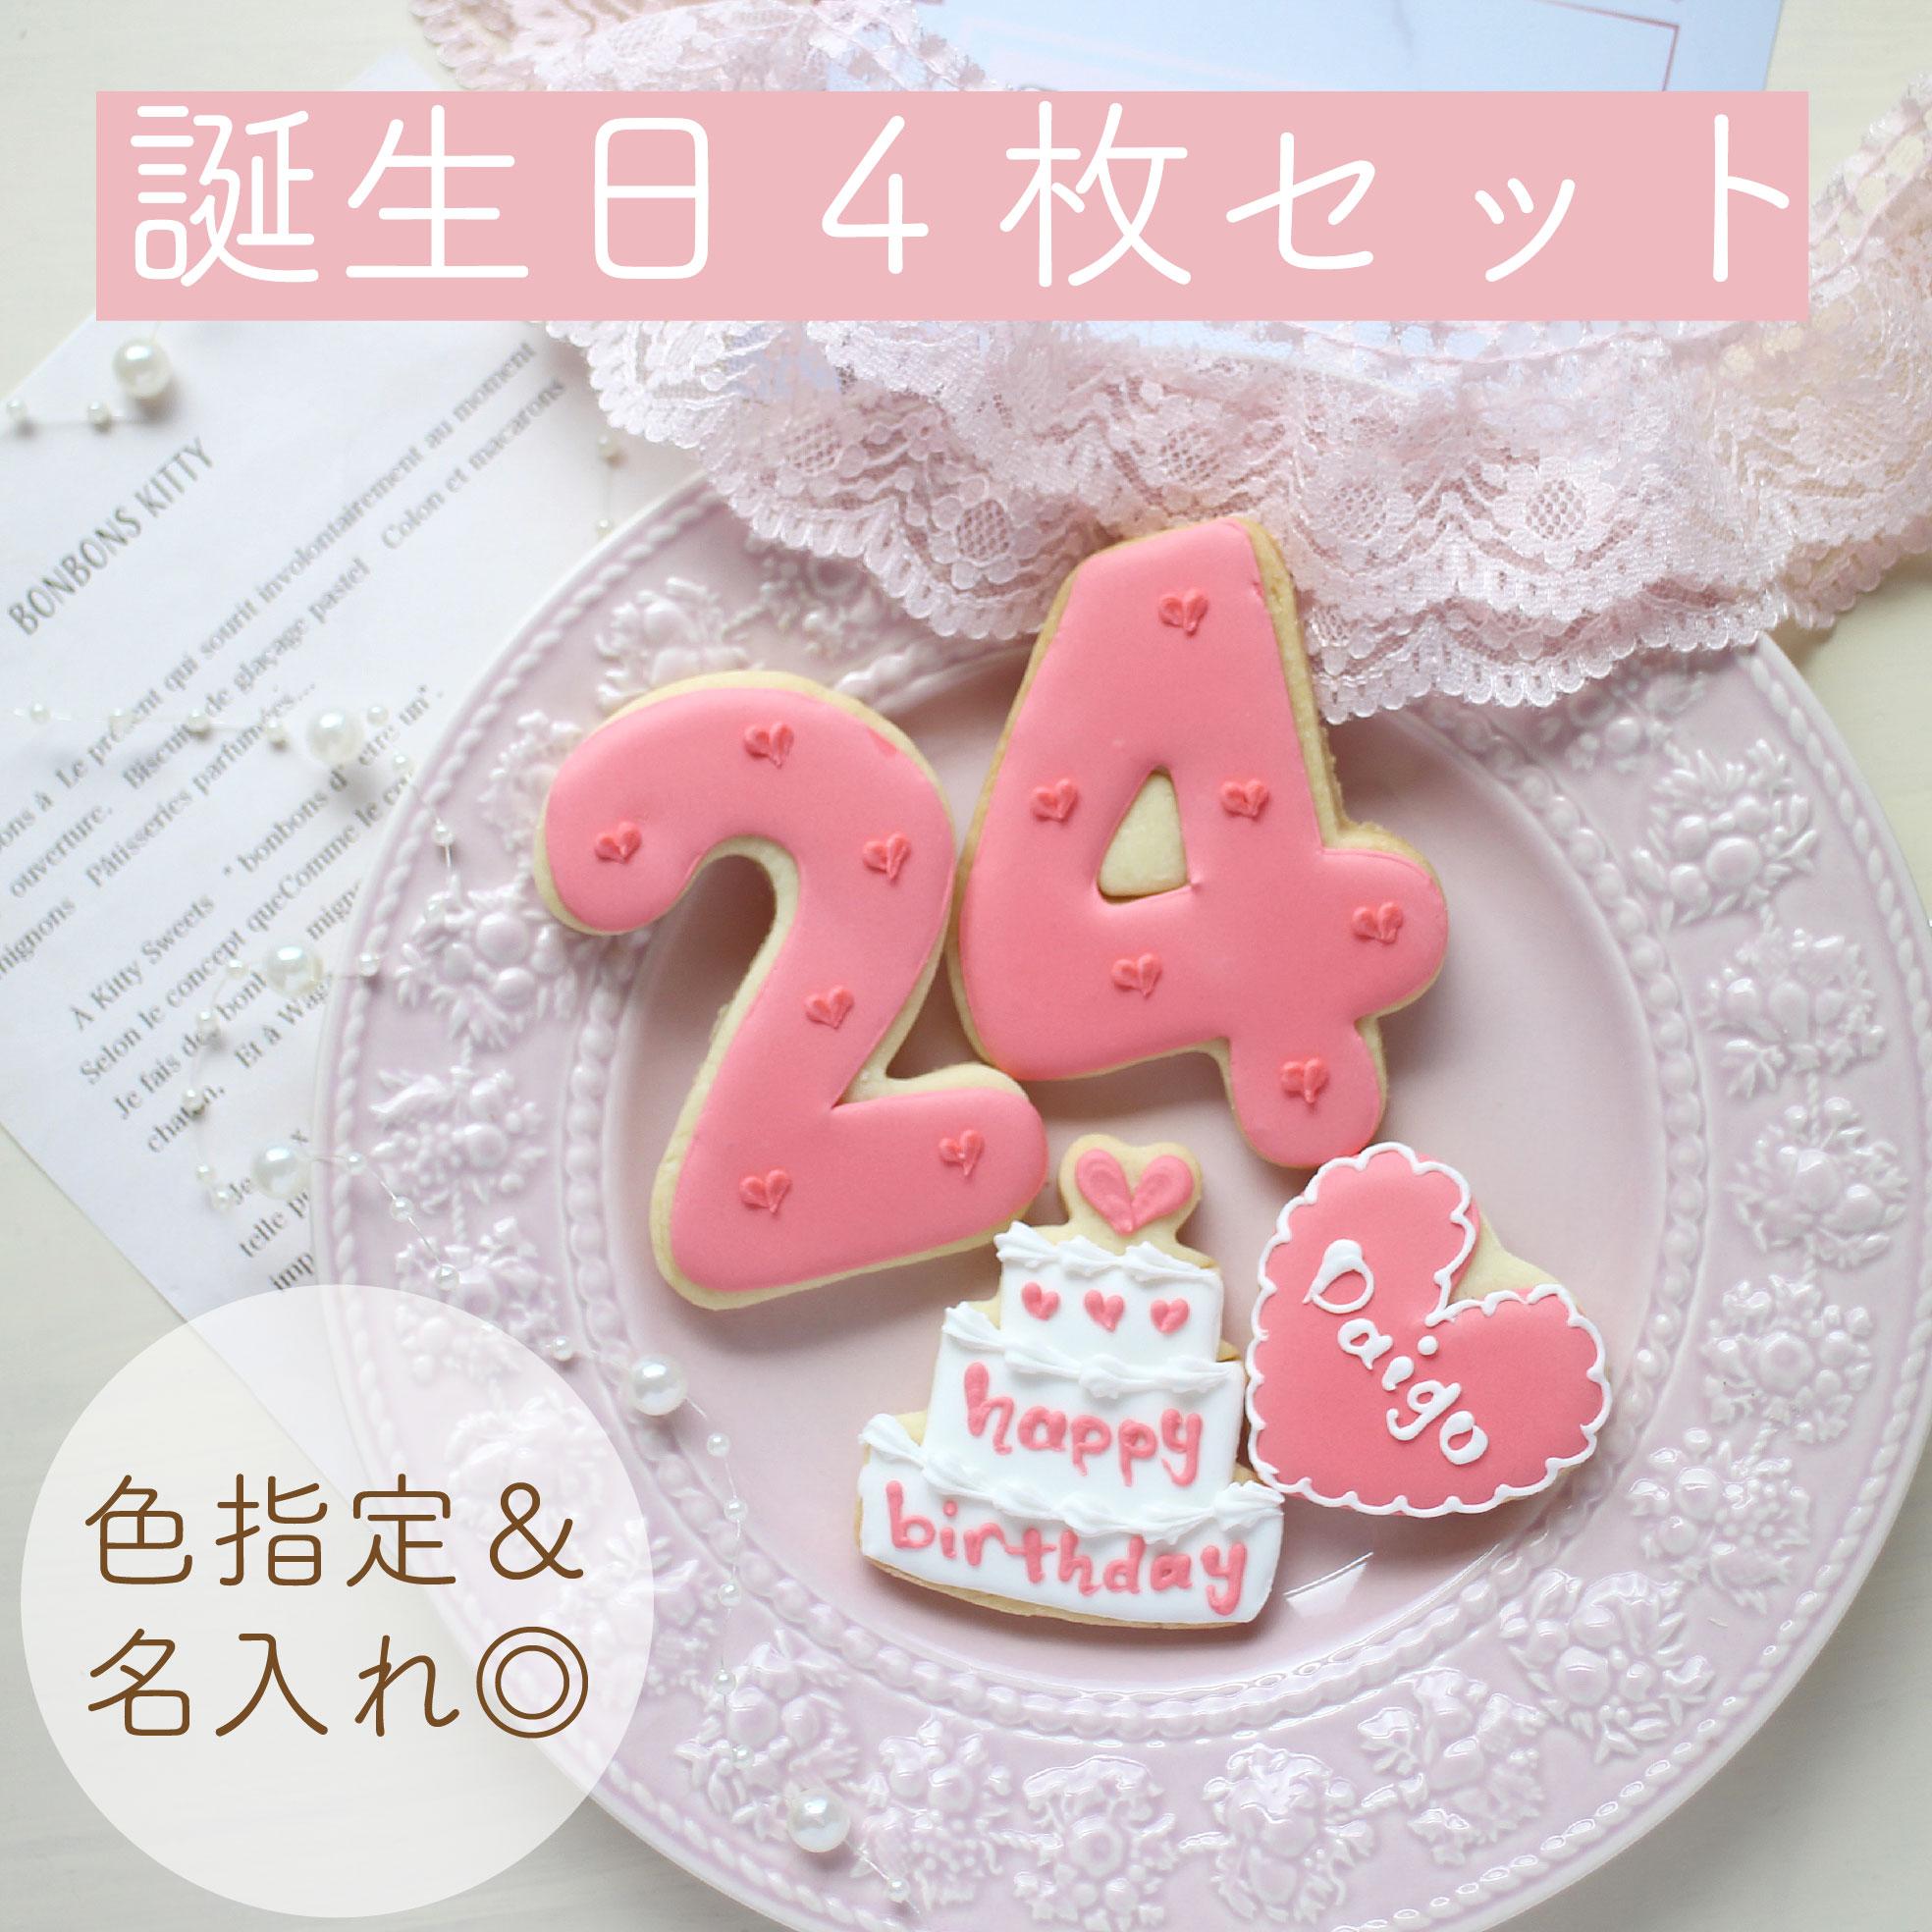 お誕生日のプレゼントやお祝いに アイシングクッキー 誕生日 4枚セット 数字 ハート 予約 宅配便送料無料 かわいい 名前入れ